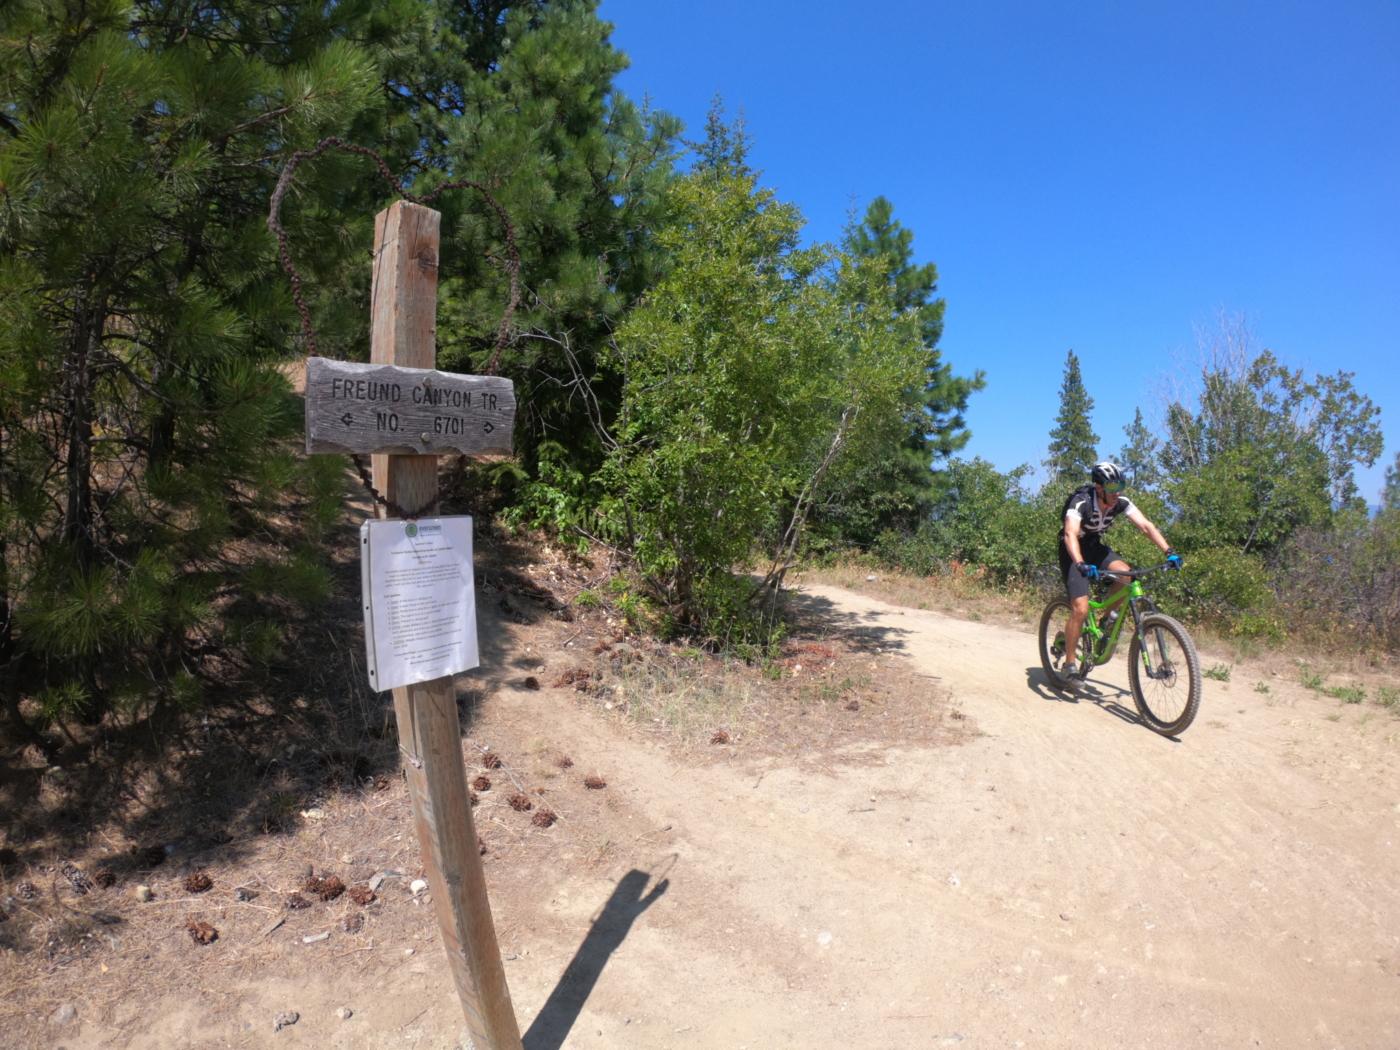 rustic trail sign mountain bikers Leavenworth washington